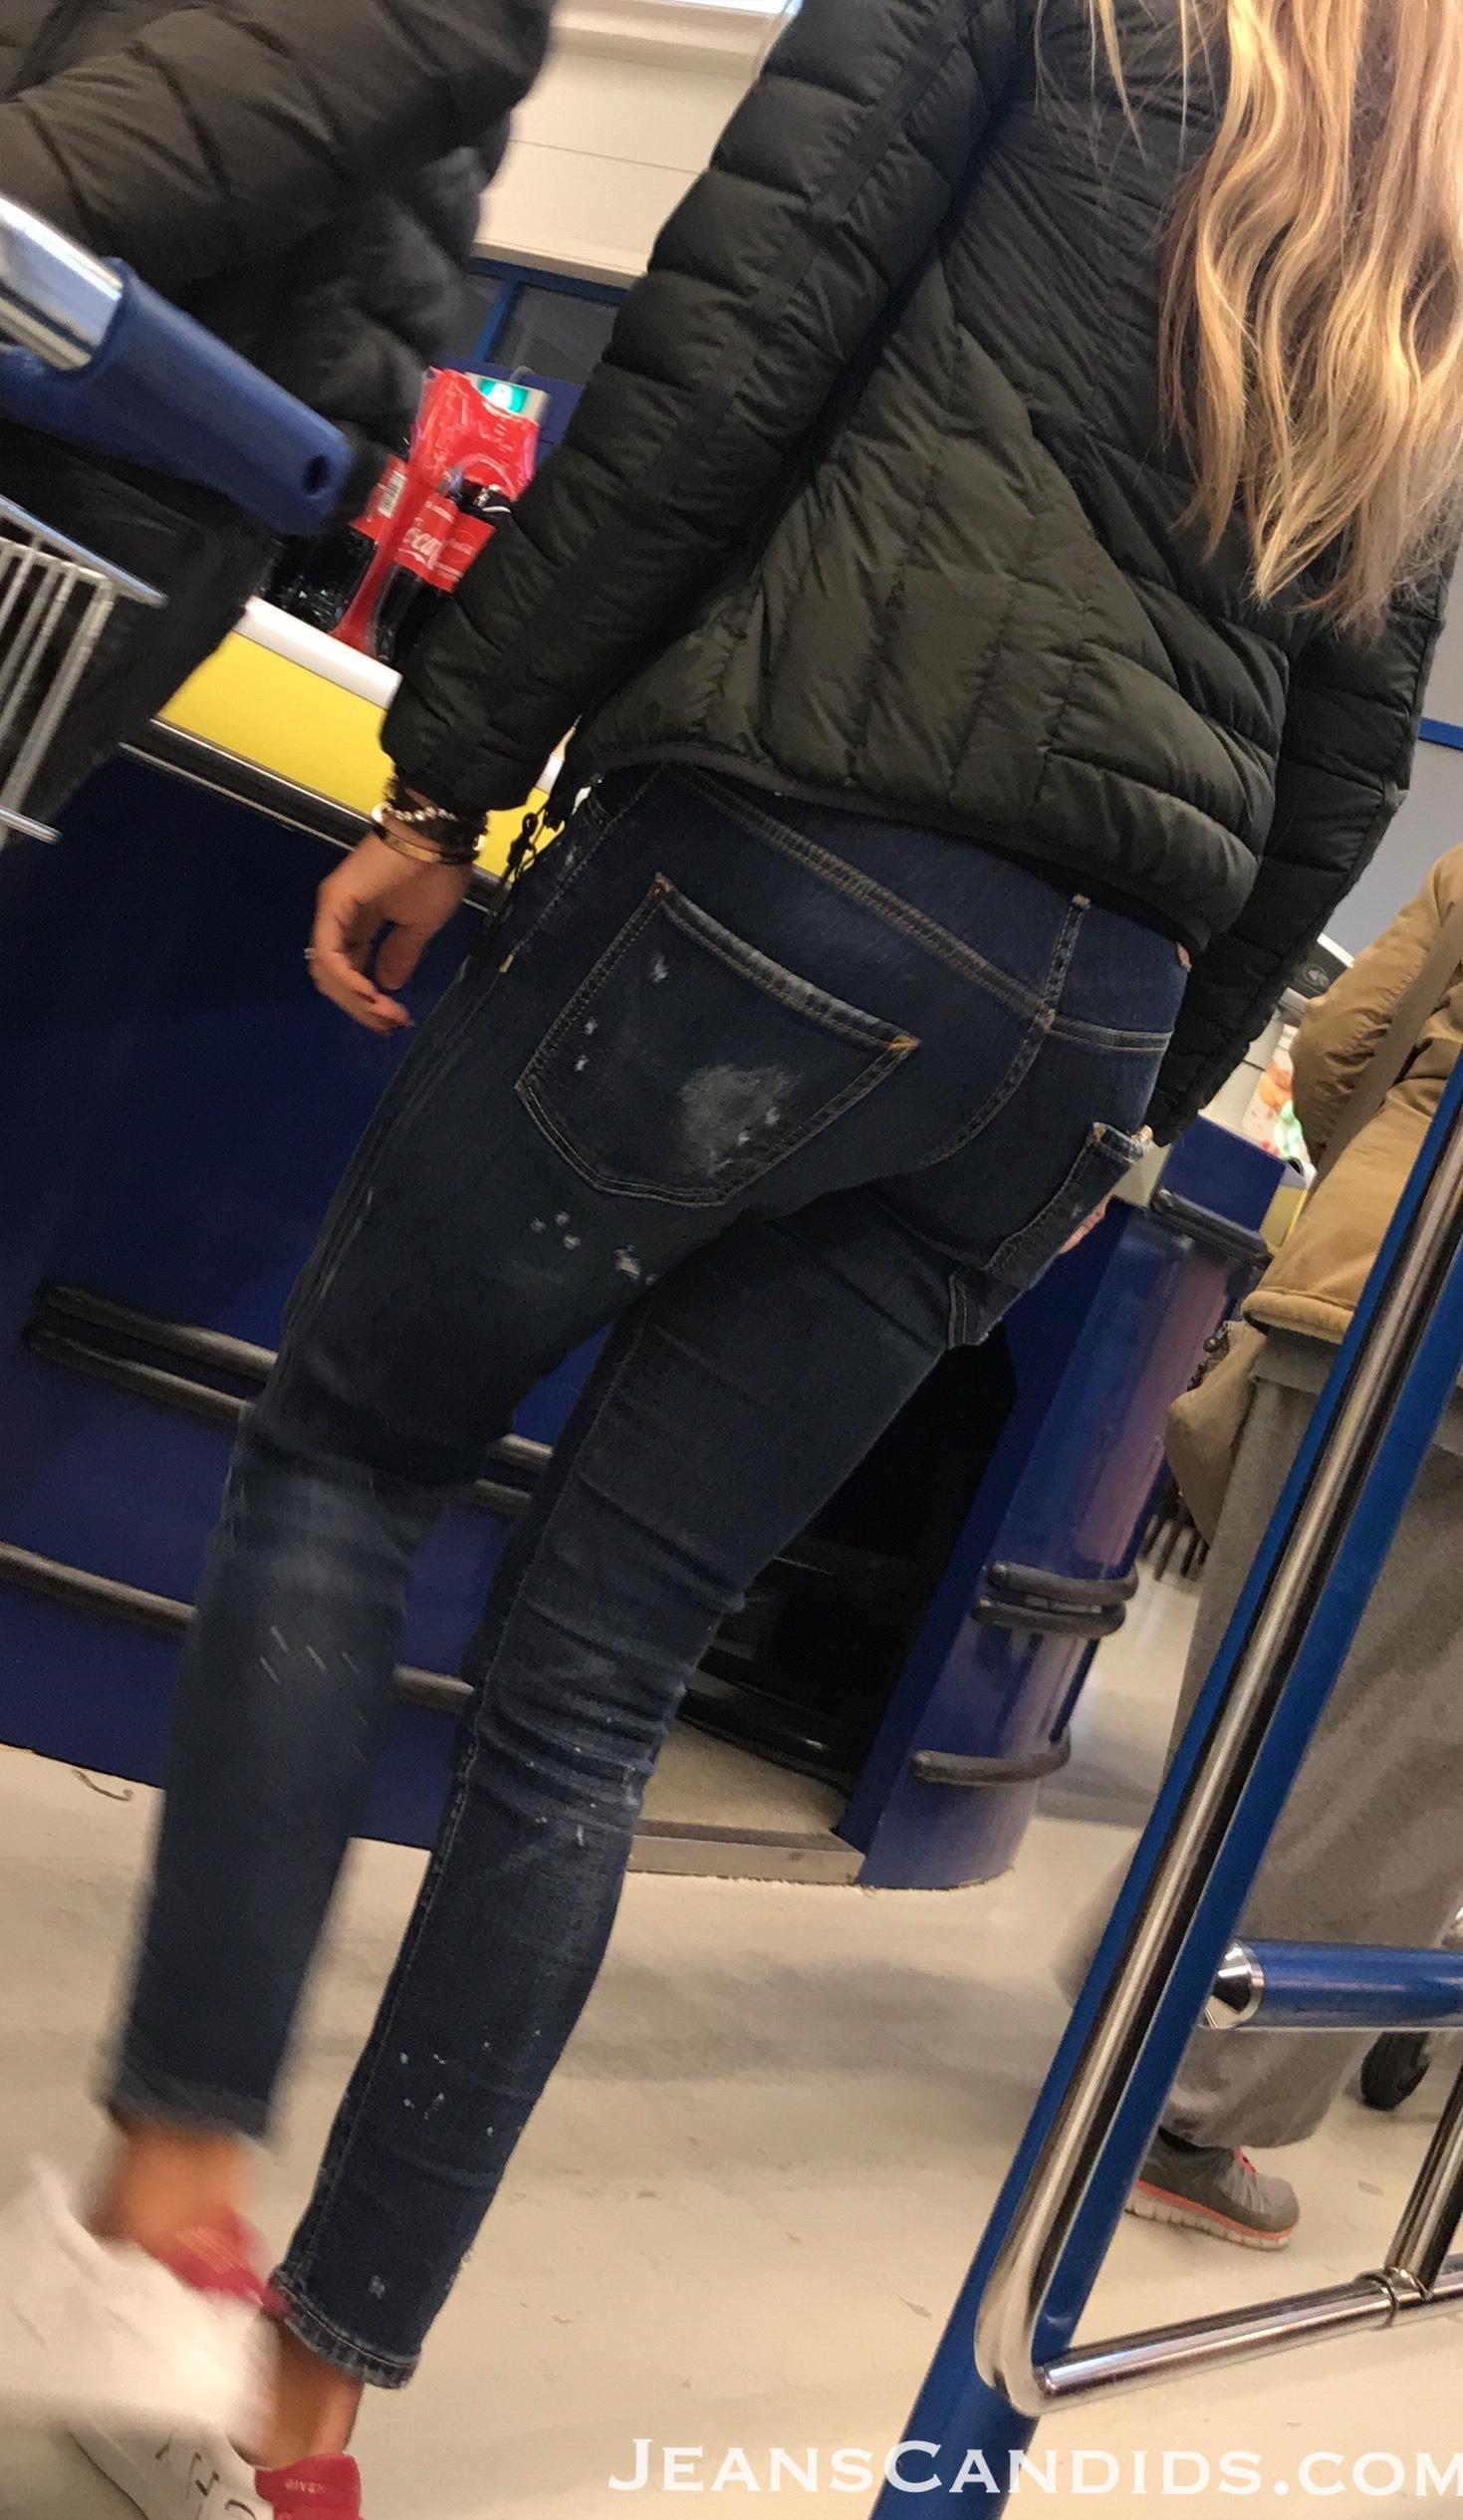 8- Hot Teens in Jeans-2.JPG